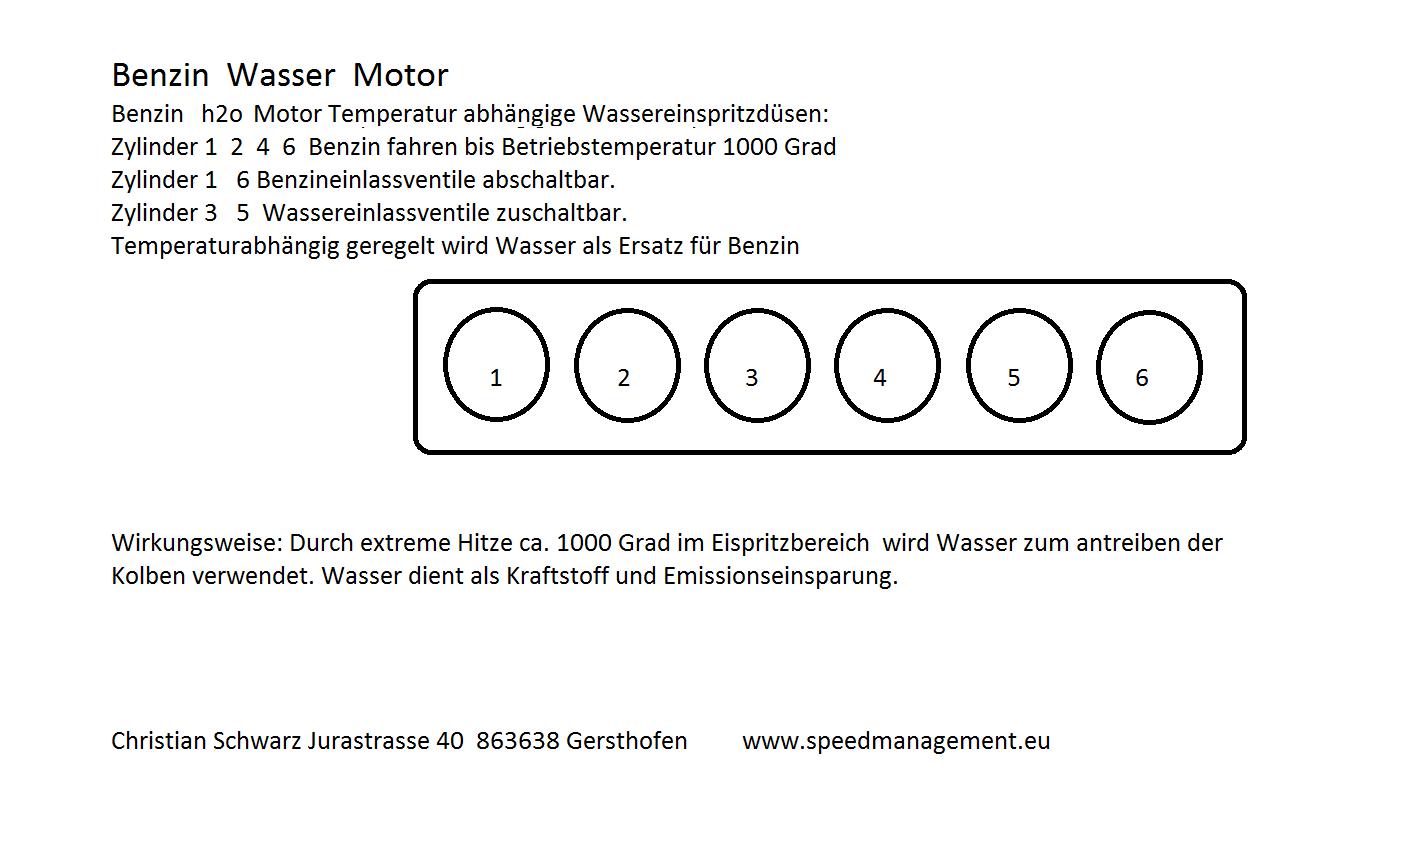 Christian Schwarz und der Benzin-Wasser-Motor